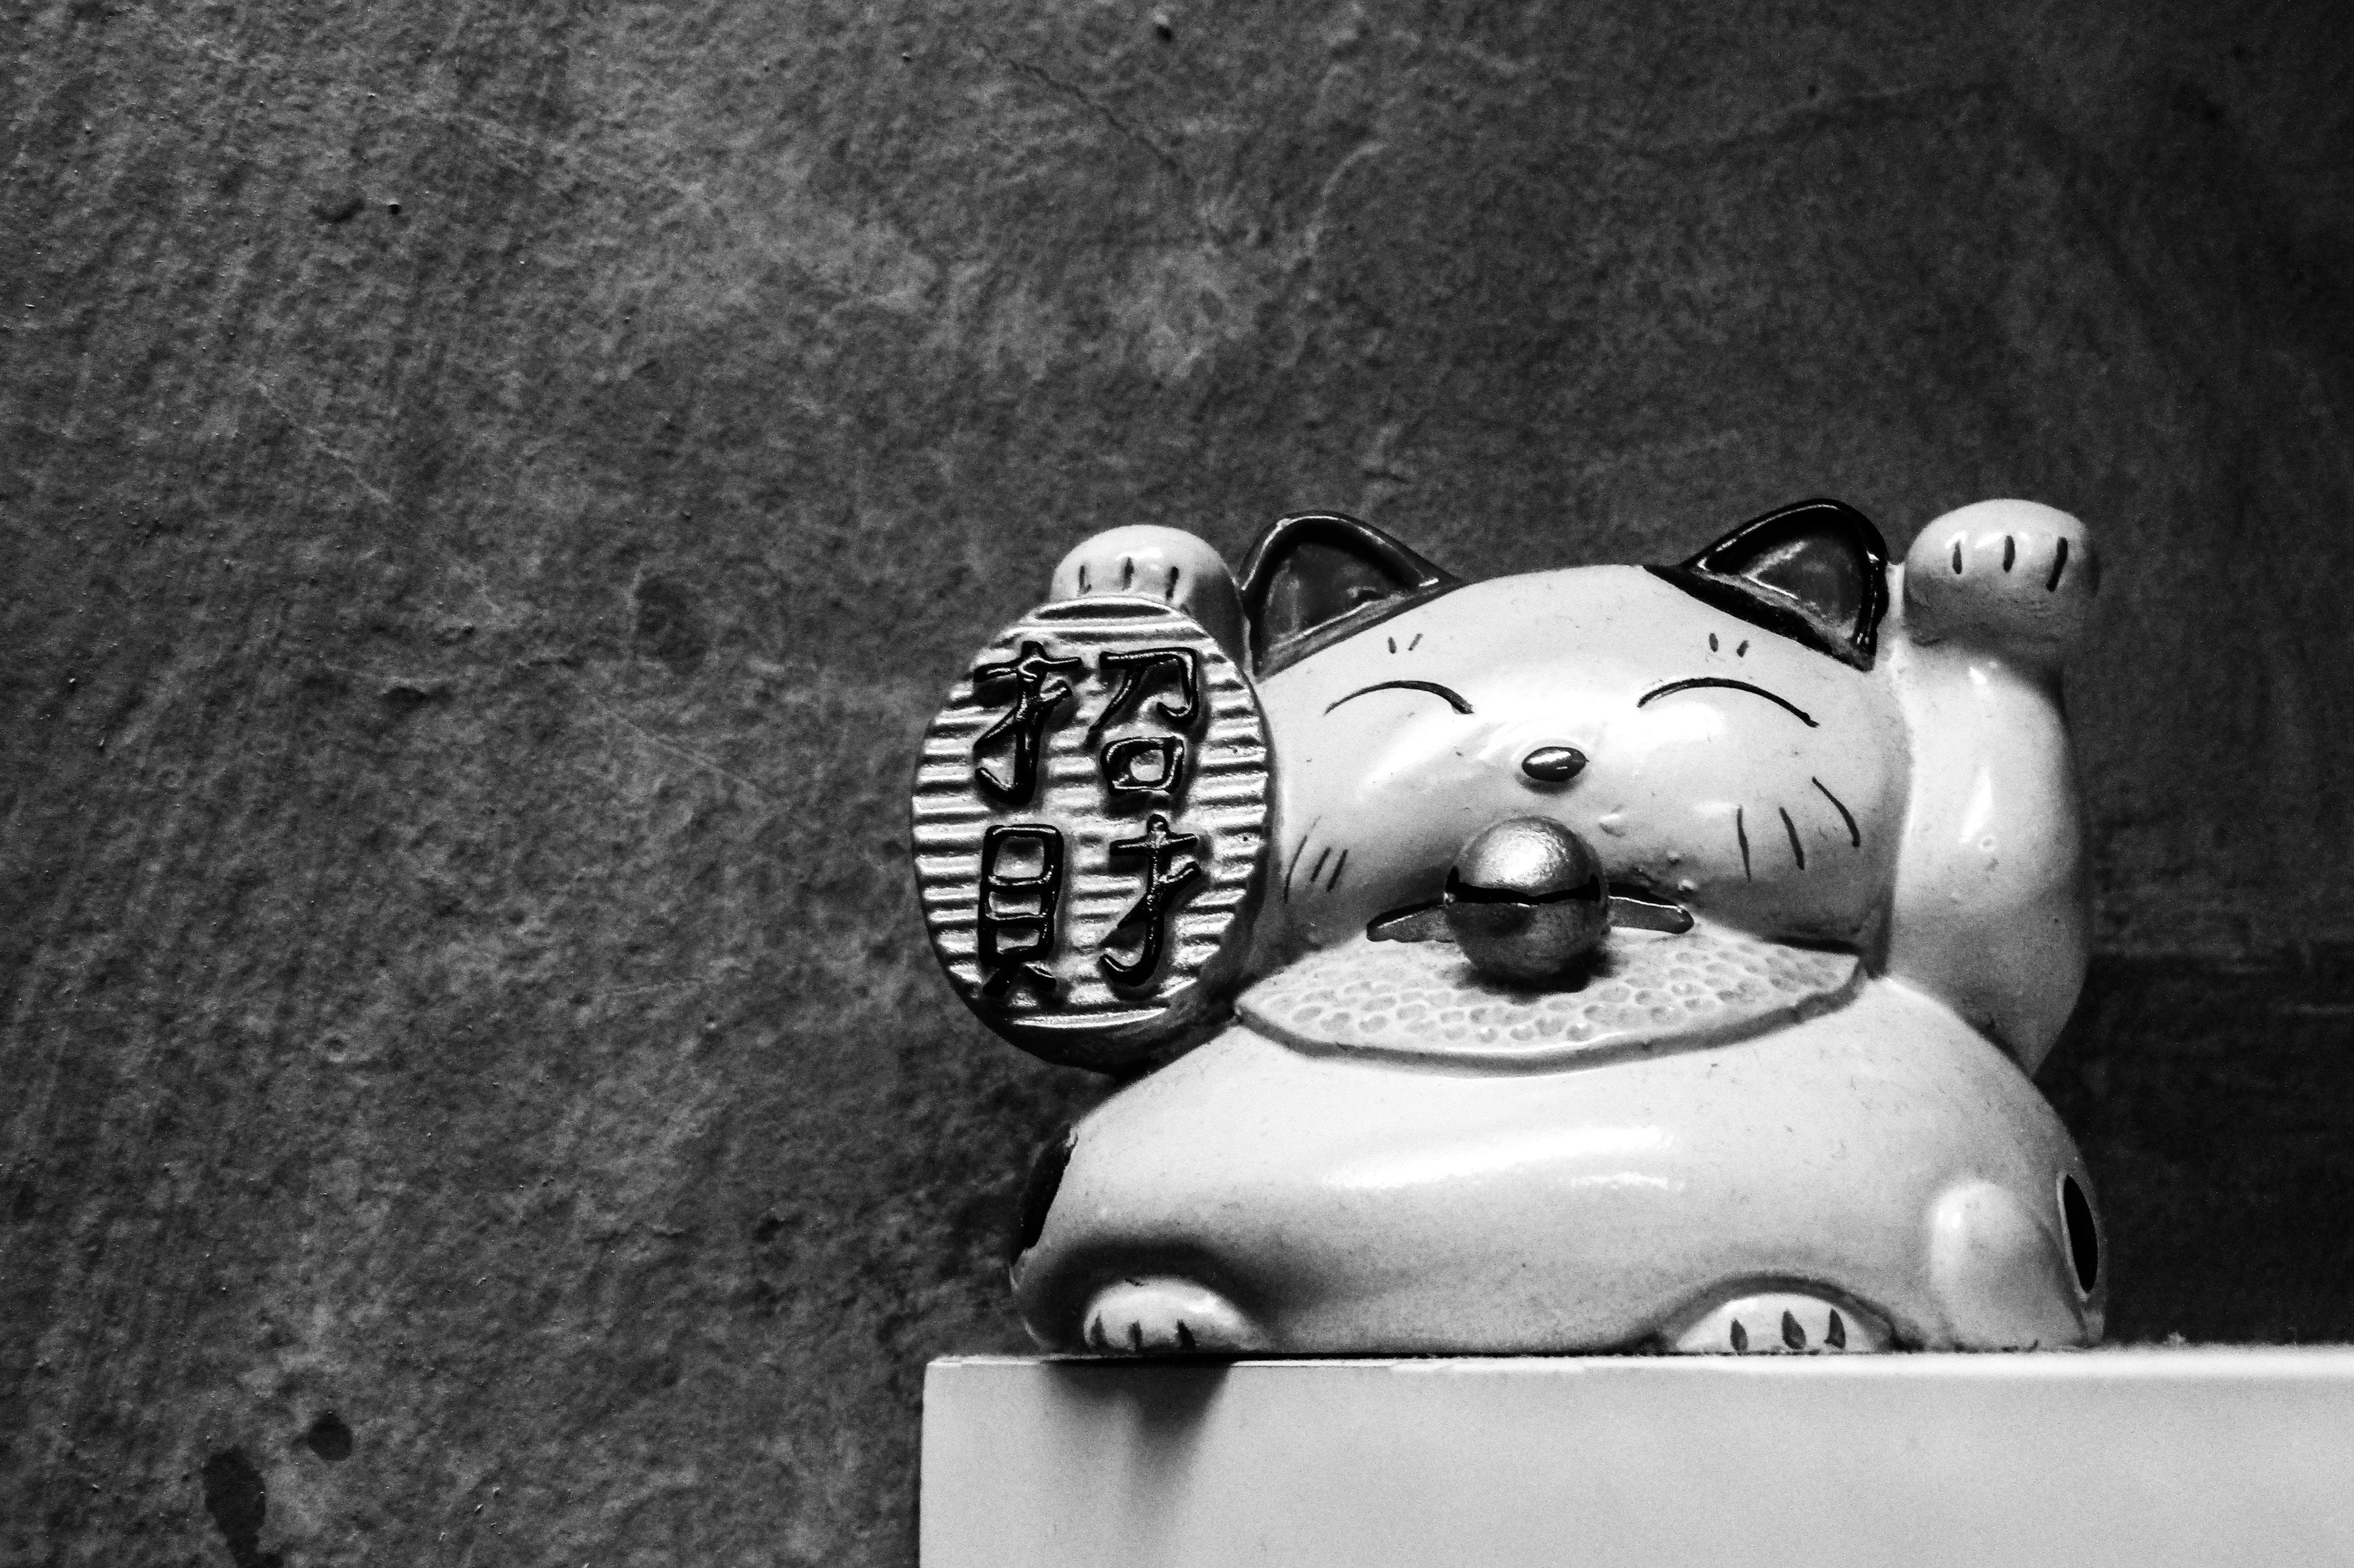 Δωρεάν στοκ φωτογραφιών με Γάτα, Ιαπωνία, νέκο, παραδοσιακός